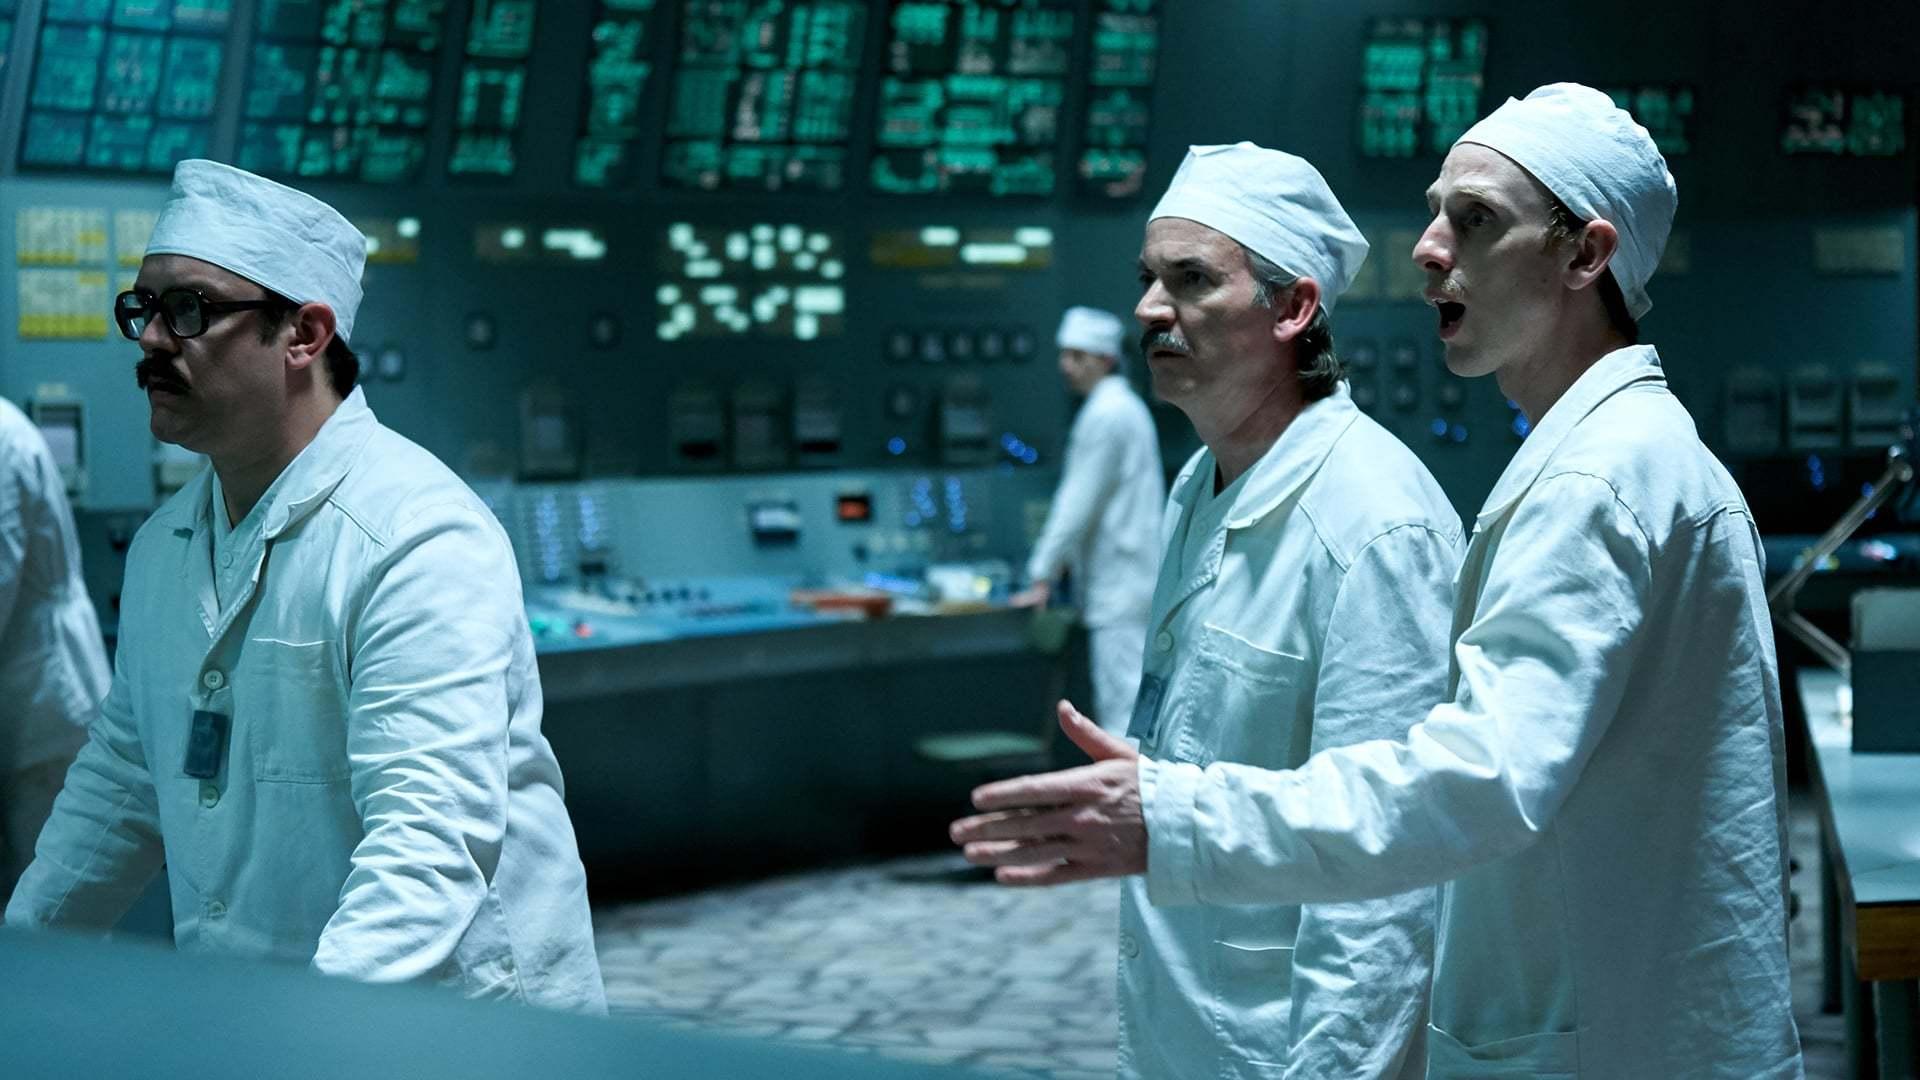 Кадры из фильма Чернобыль Chernobyl 2019